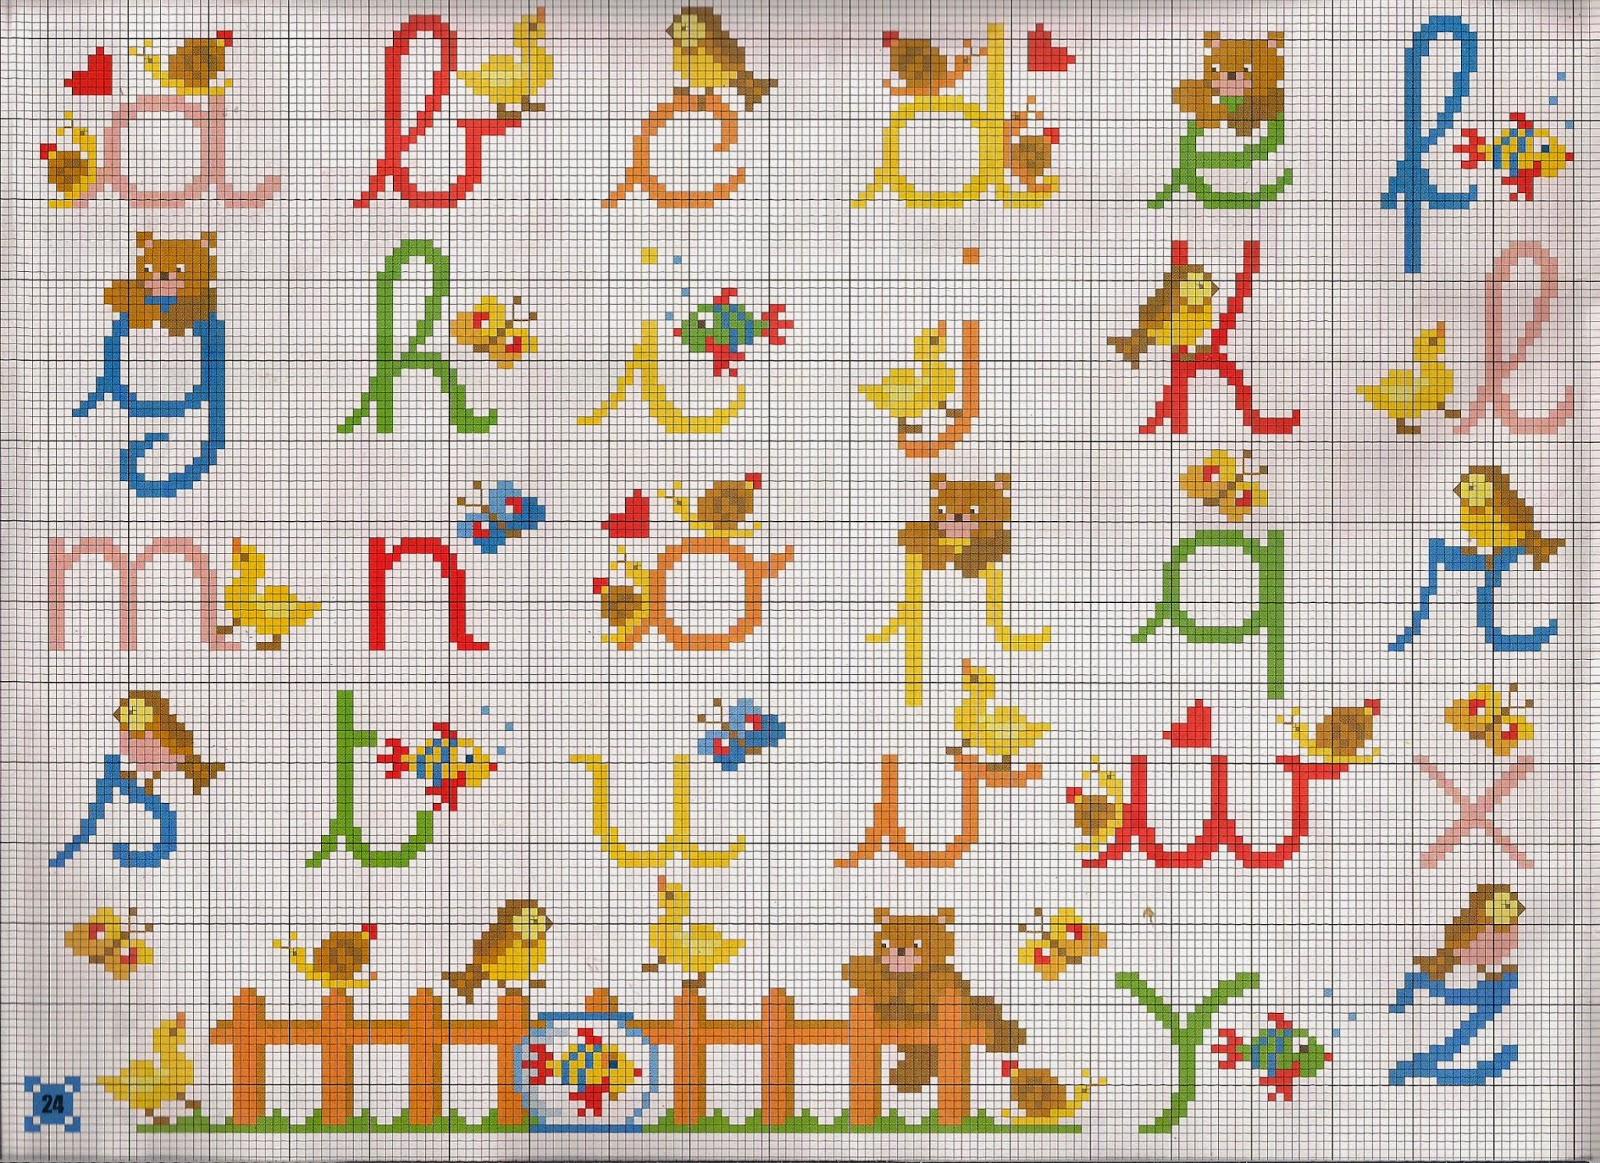 Schemi punto croce alfabeto bambini zf11 pineglen for Alfabeti a punto croce per bambini